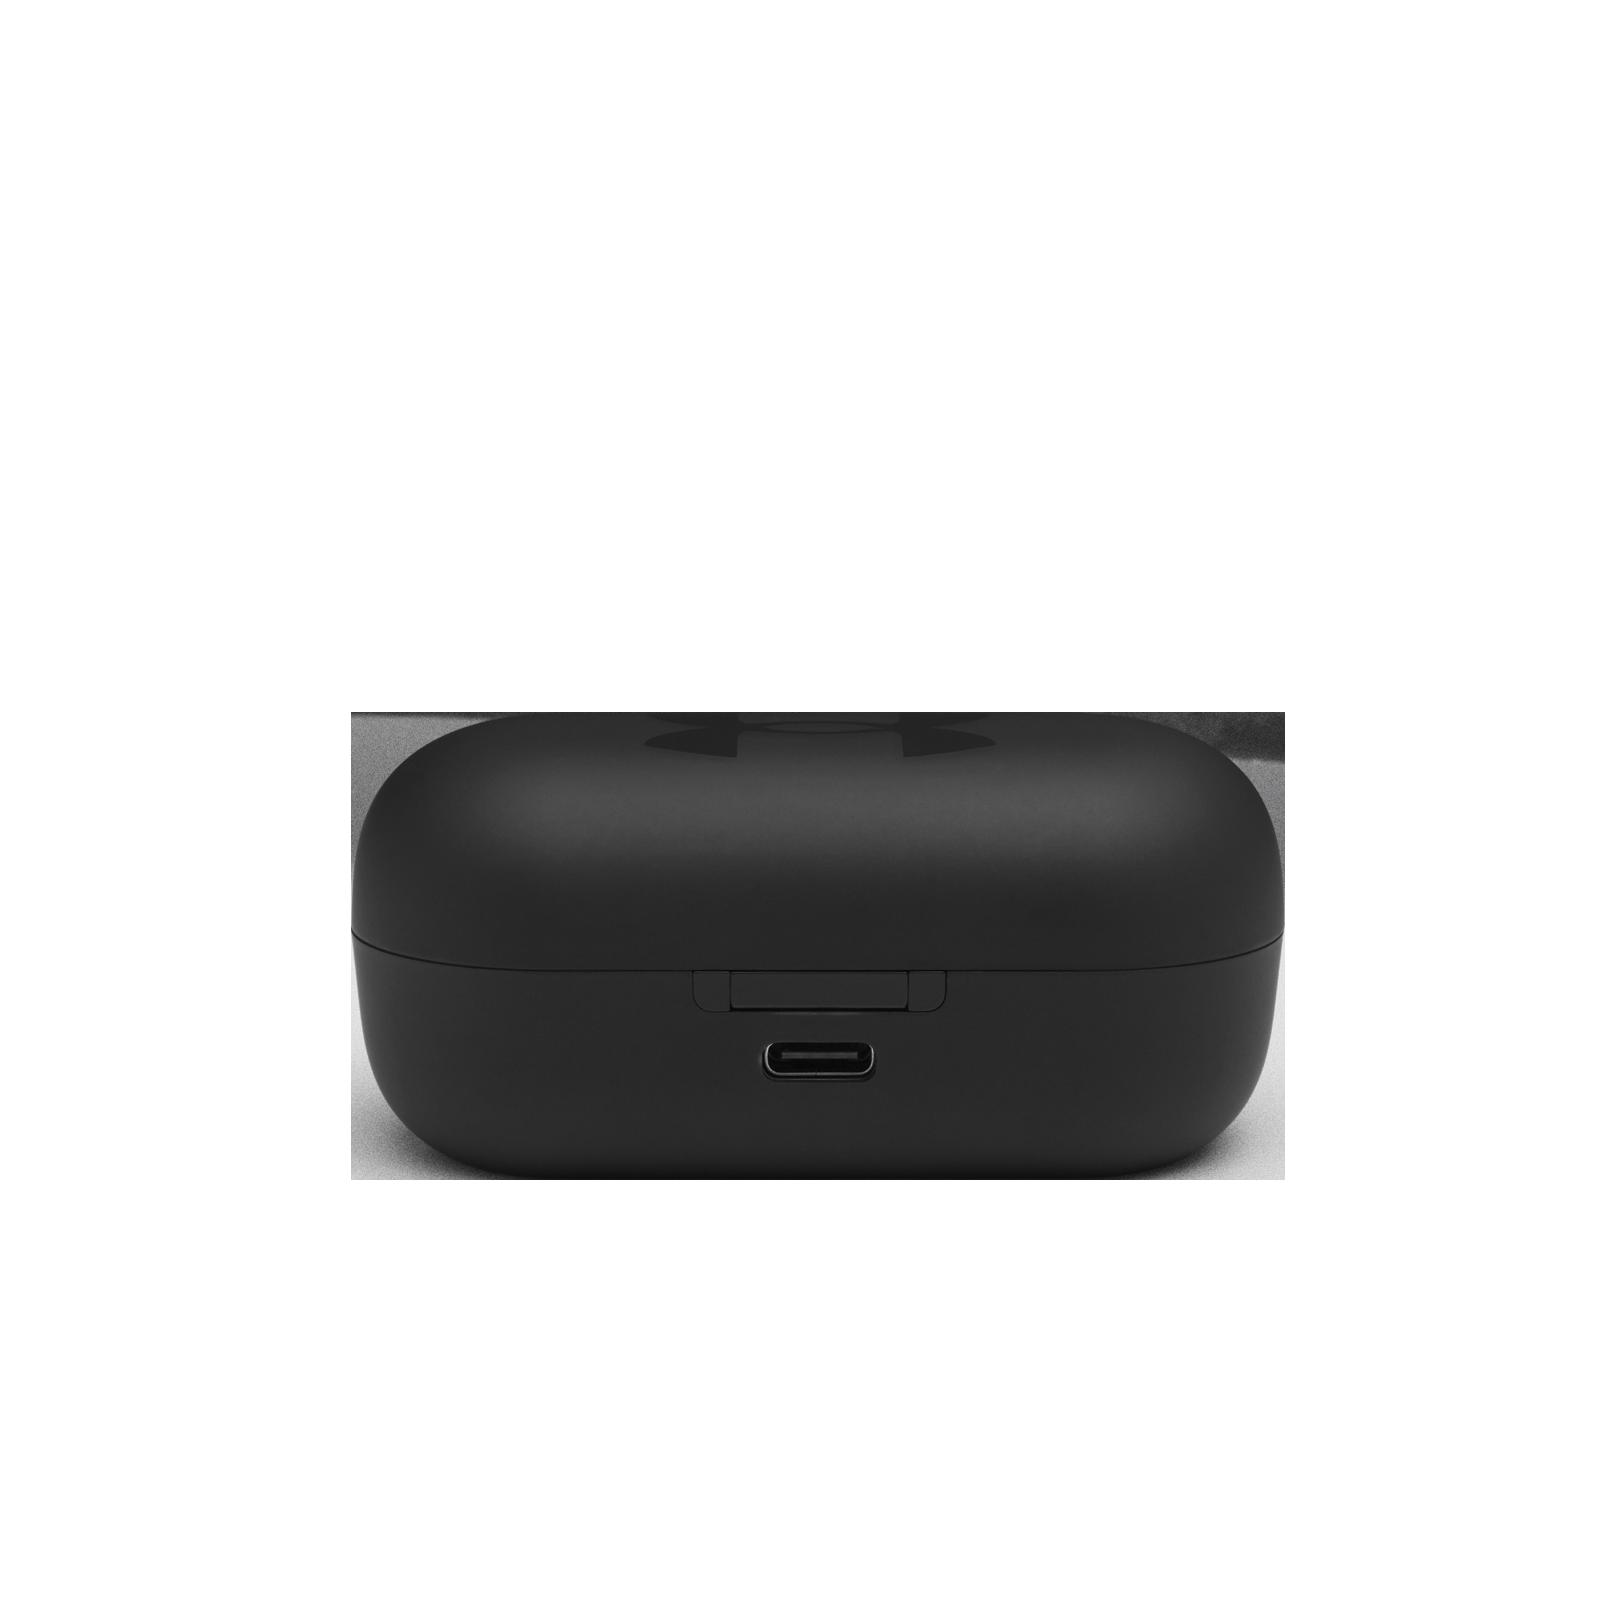 UA True Wireless Streak - Black - Ultra-compact In-Ear Sport Headphones - Back